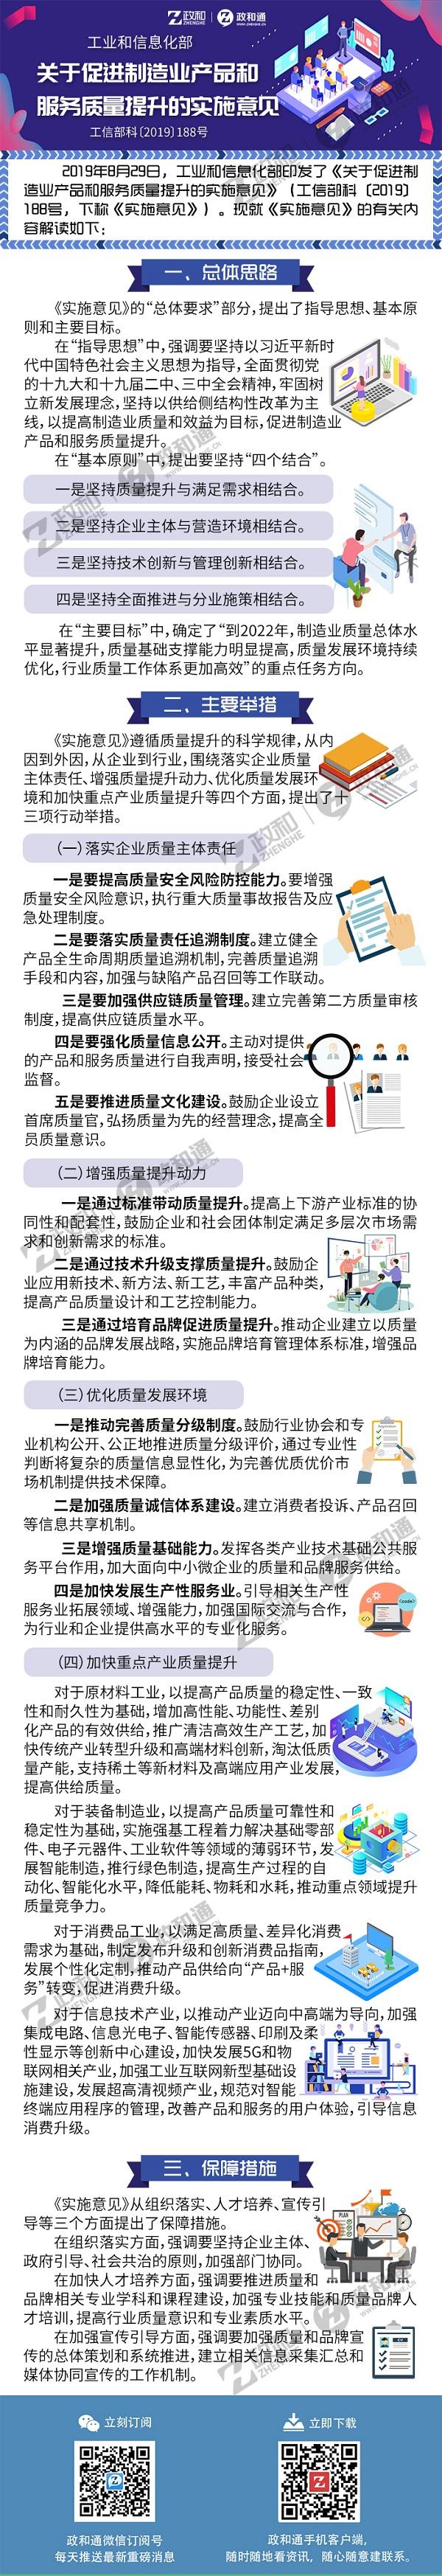 政和通 解讀-工業和信息化部關于促進制造業產品和服務質量提升的實施意見(1).jpg